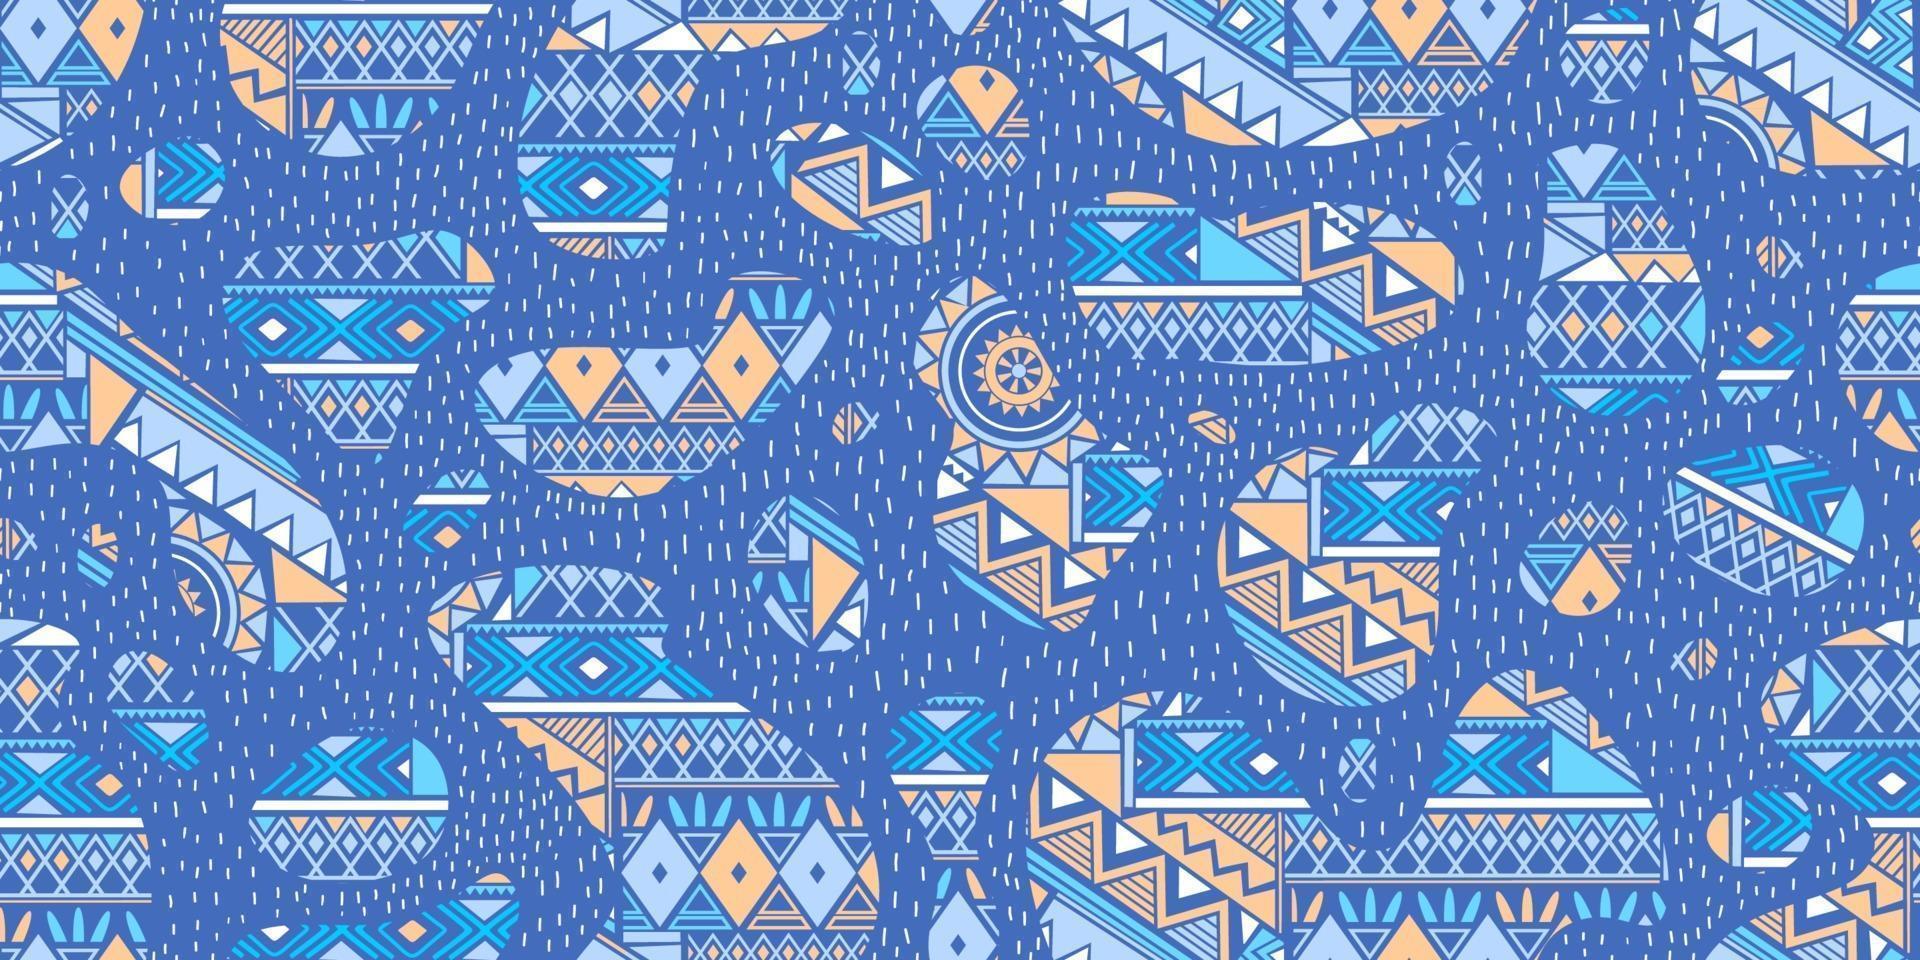 paisley sömlösa mönster med blommor i indisk stil. blommig vektor bakgrund med blå färg.